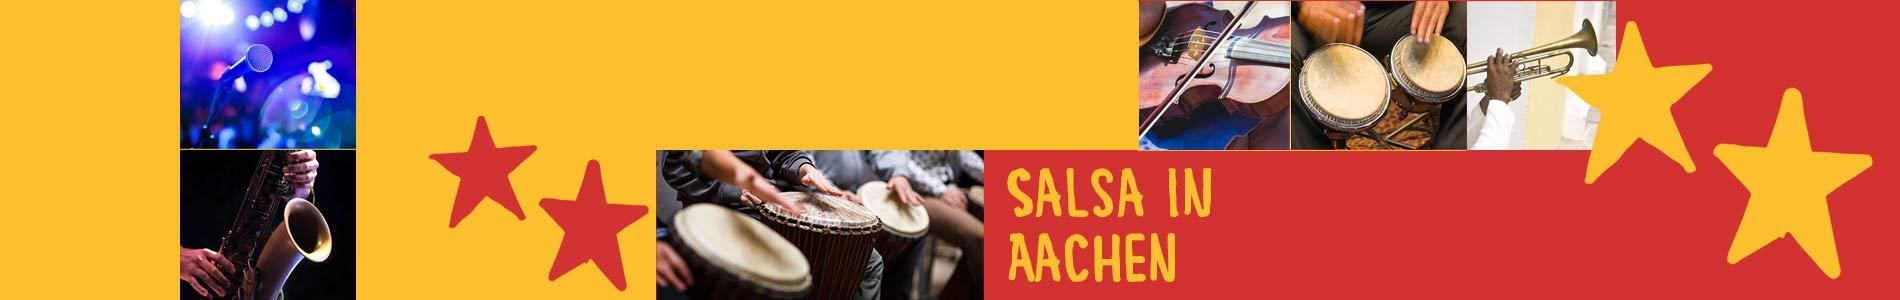 Salsa in Aachen – Salsa lernen und tanzen, Tanzkurse, Partys, Veranstaltungen